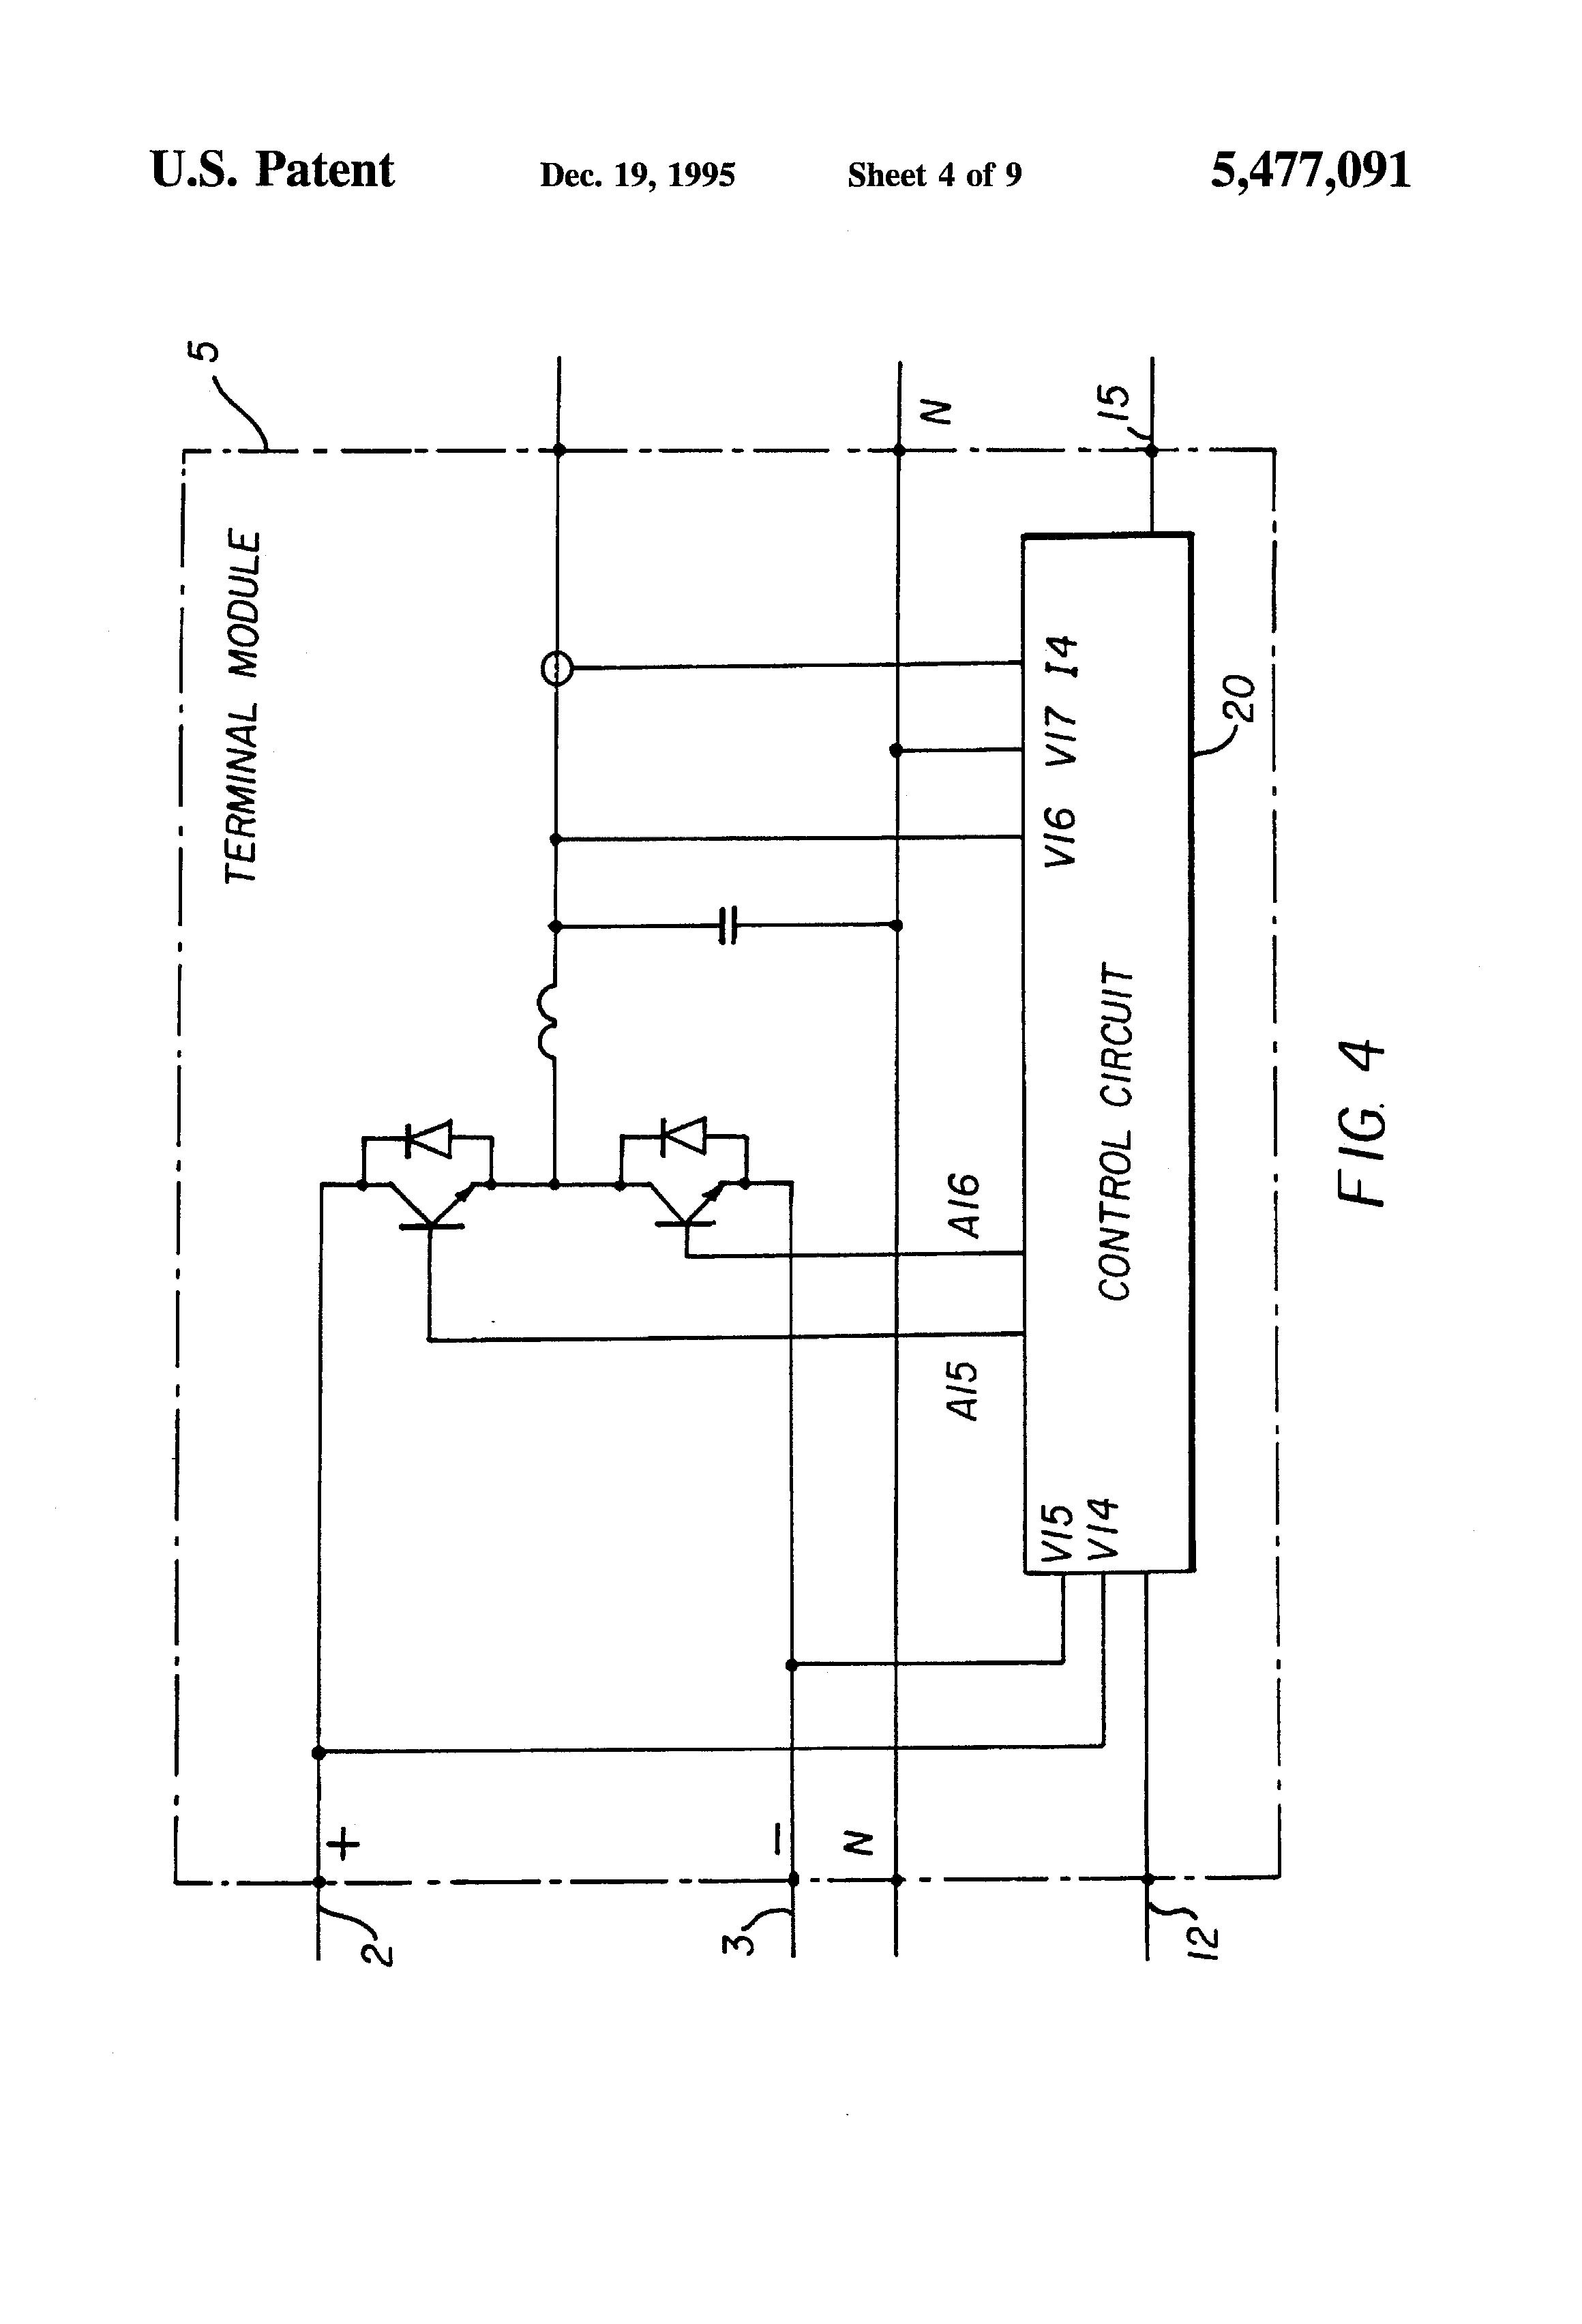 US5477091 4 abb a9 30 10 wiring diagram abb ach550 wiring diagram \u2022 indy500 co abb a16-30-10 wiring diagram at eliteediting.co